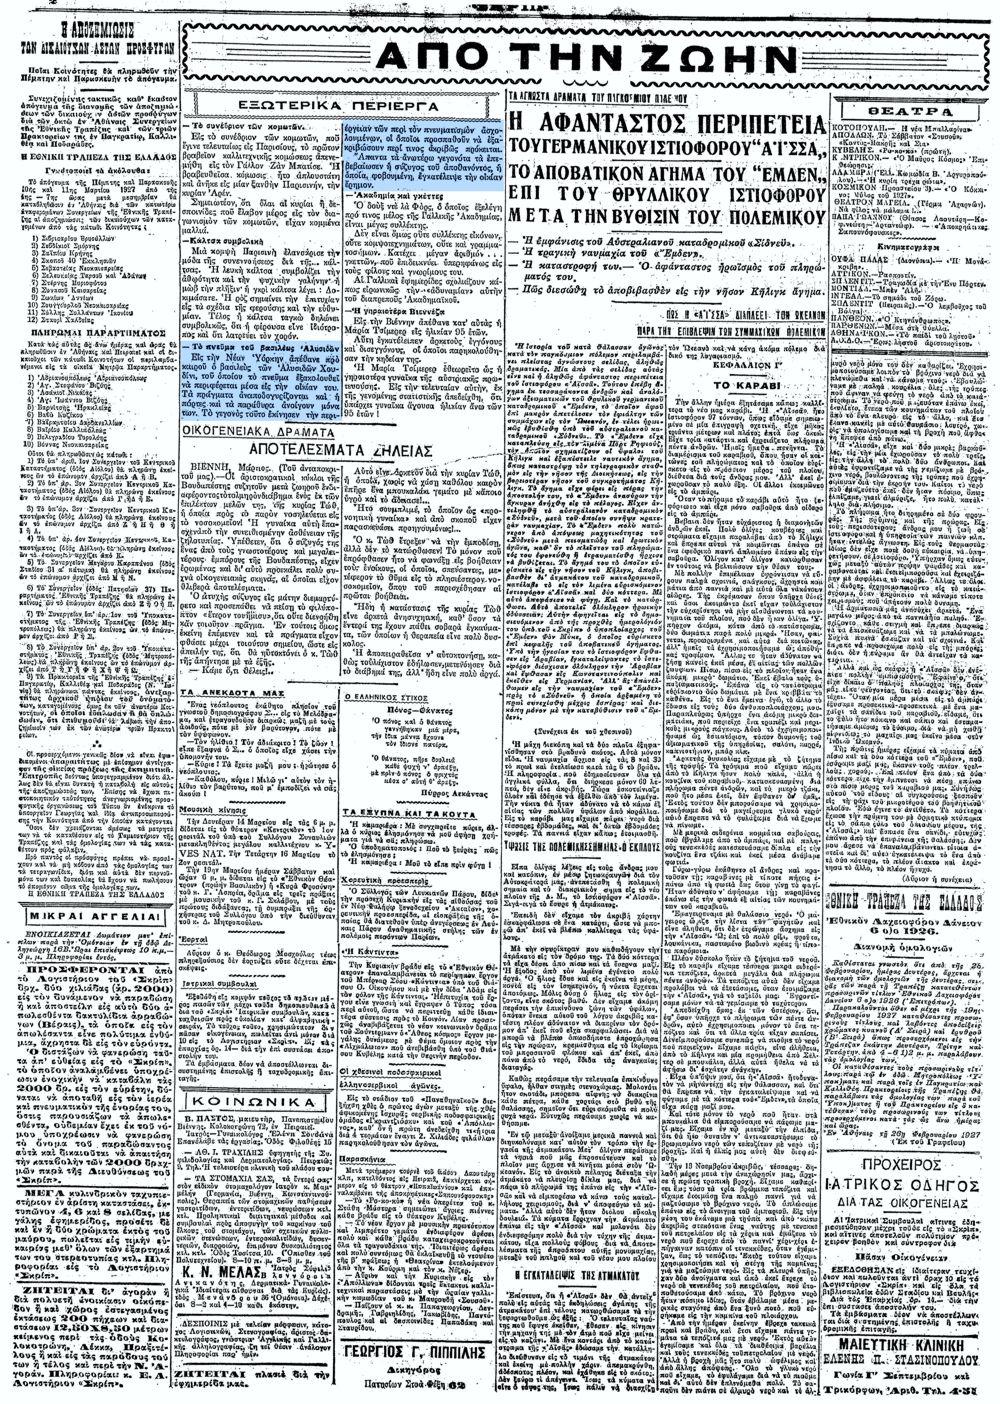 """Το άρθρο, όπως δημοσιεύθηκε στην εφημερίδα """"ΣΚΡΙΠ"""", στις 11/03/1927"""